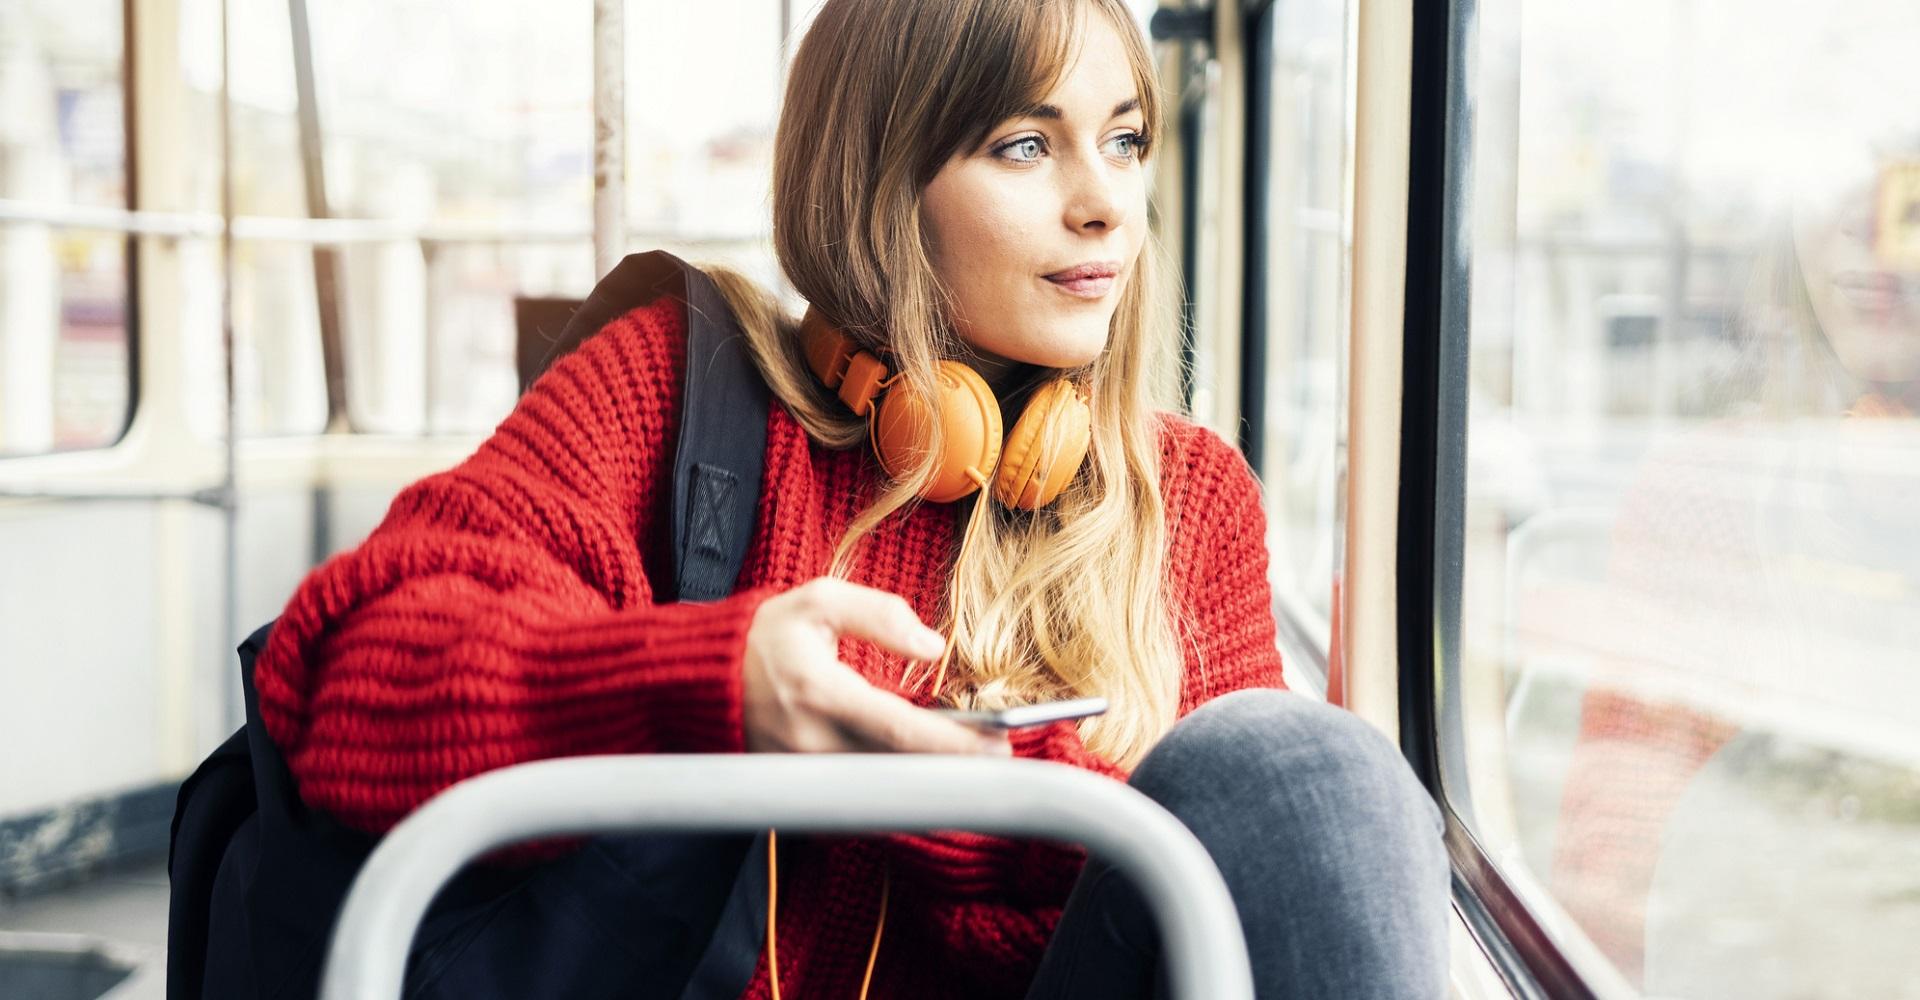 Junge Frau sitzt im Bus und hört ihre Lieblingsmusik.